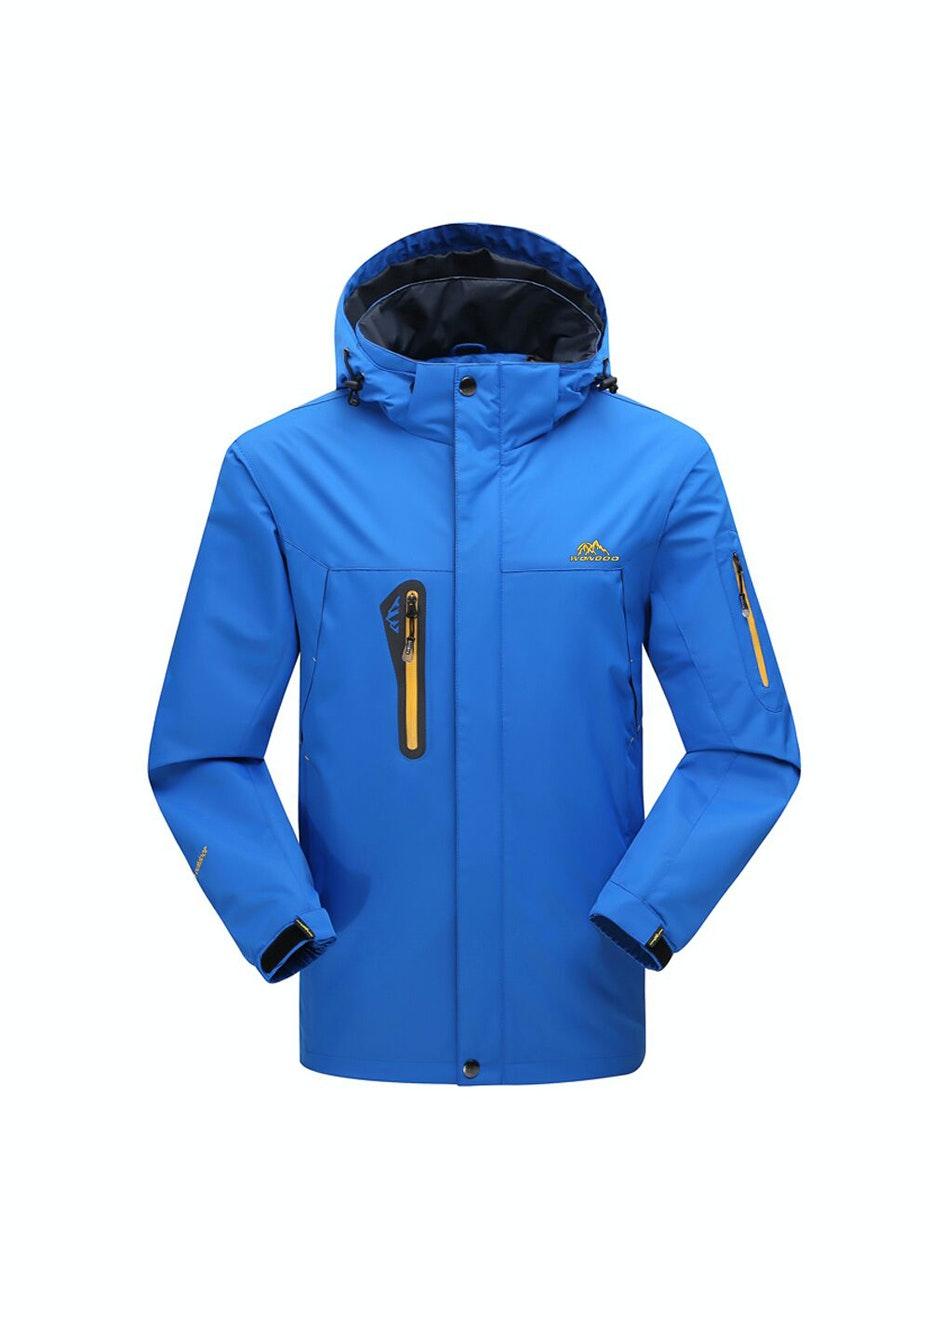 Women 2-in-1 WaterProof Jackets - Blue